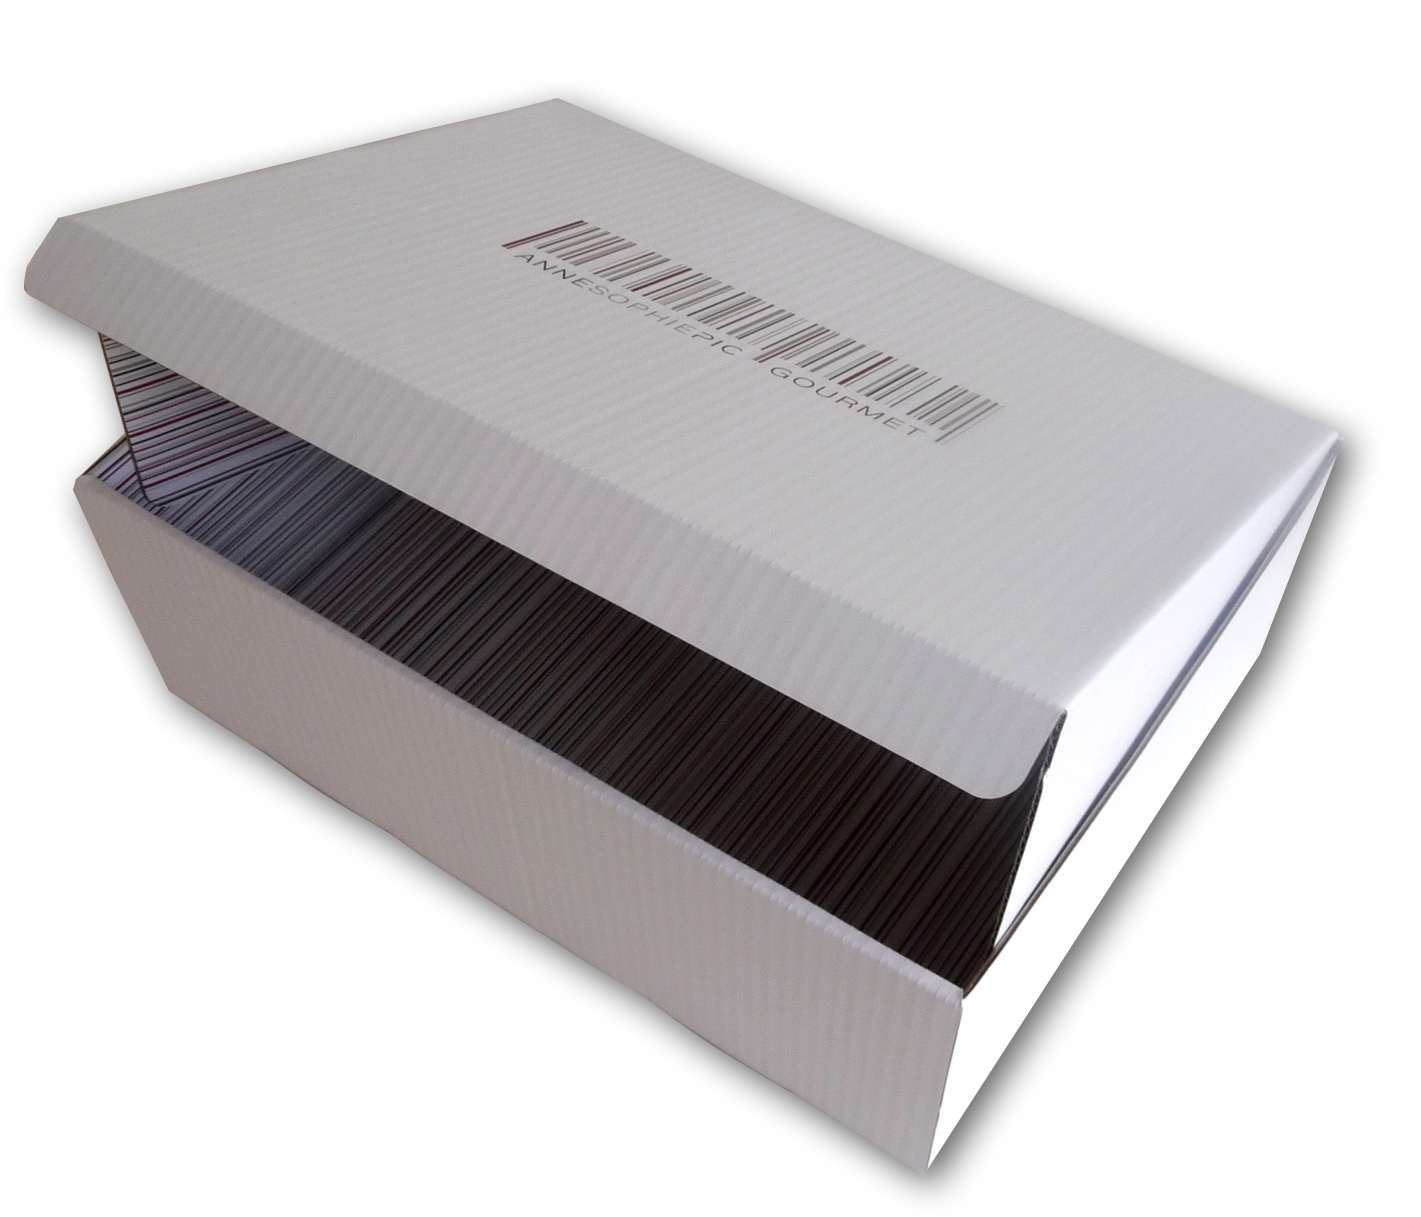 Boite carton pliante micro-cannelure-Pic